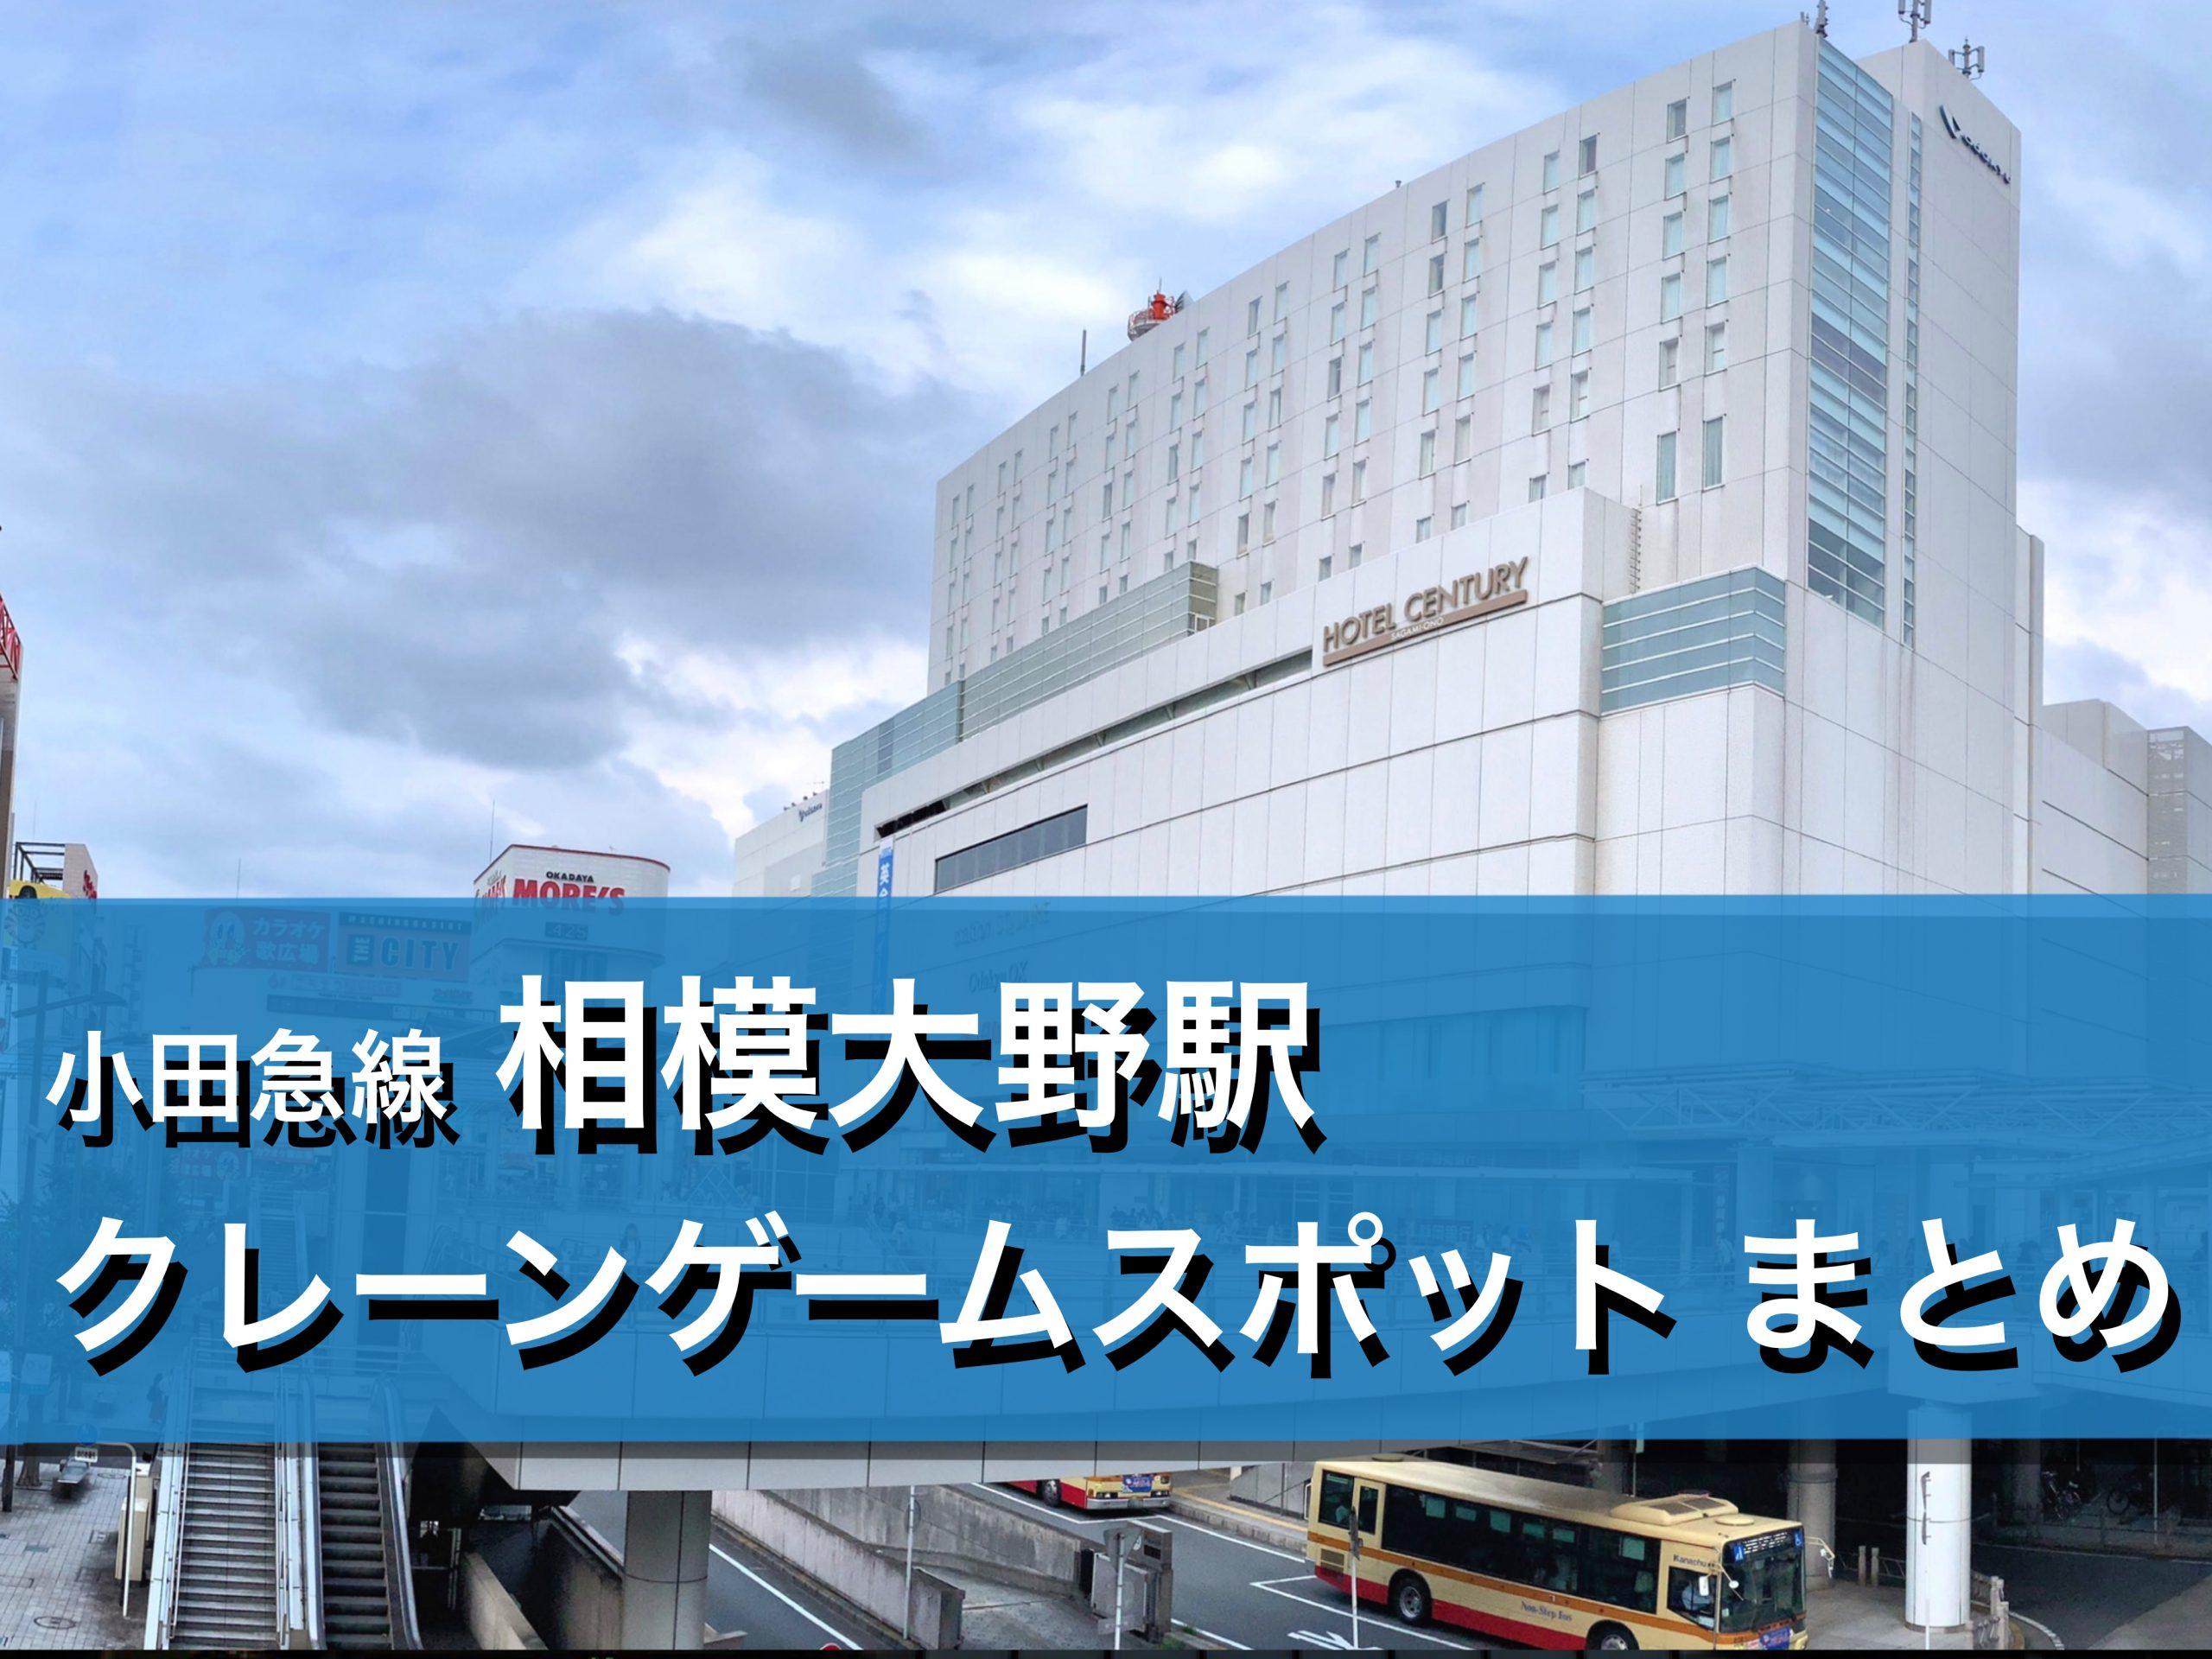 【相模大野駅】クレーンゲームができる場所